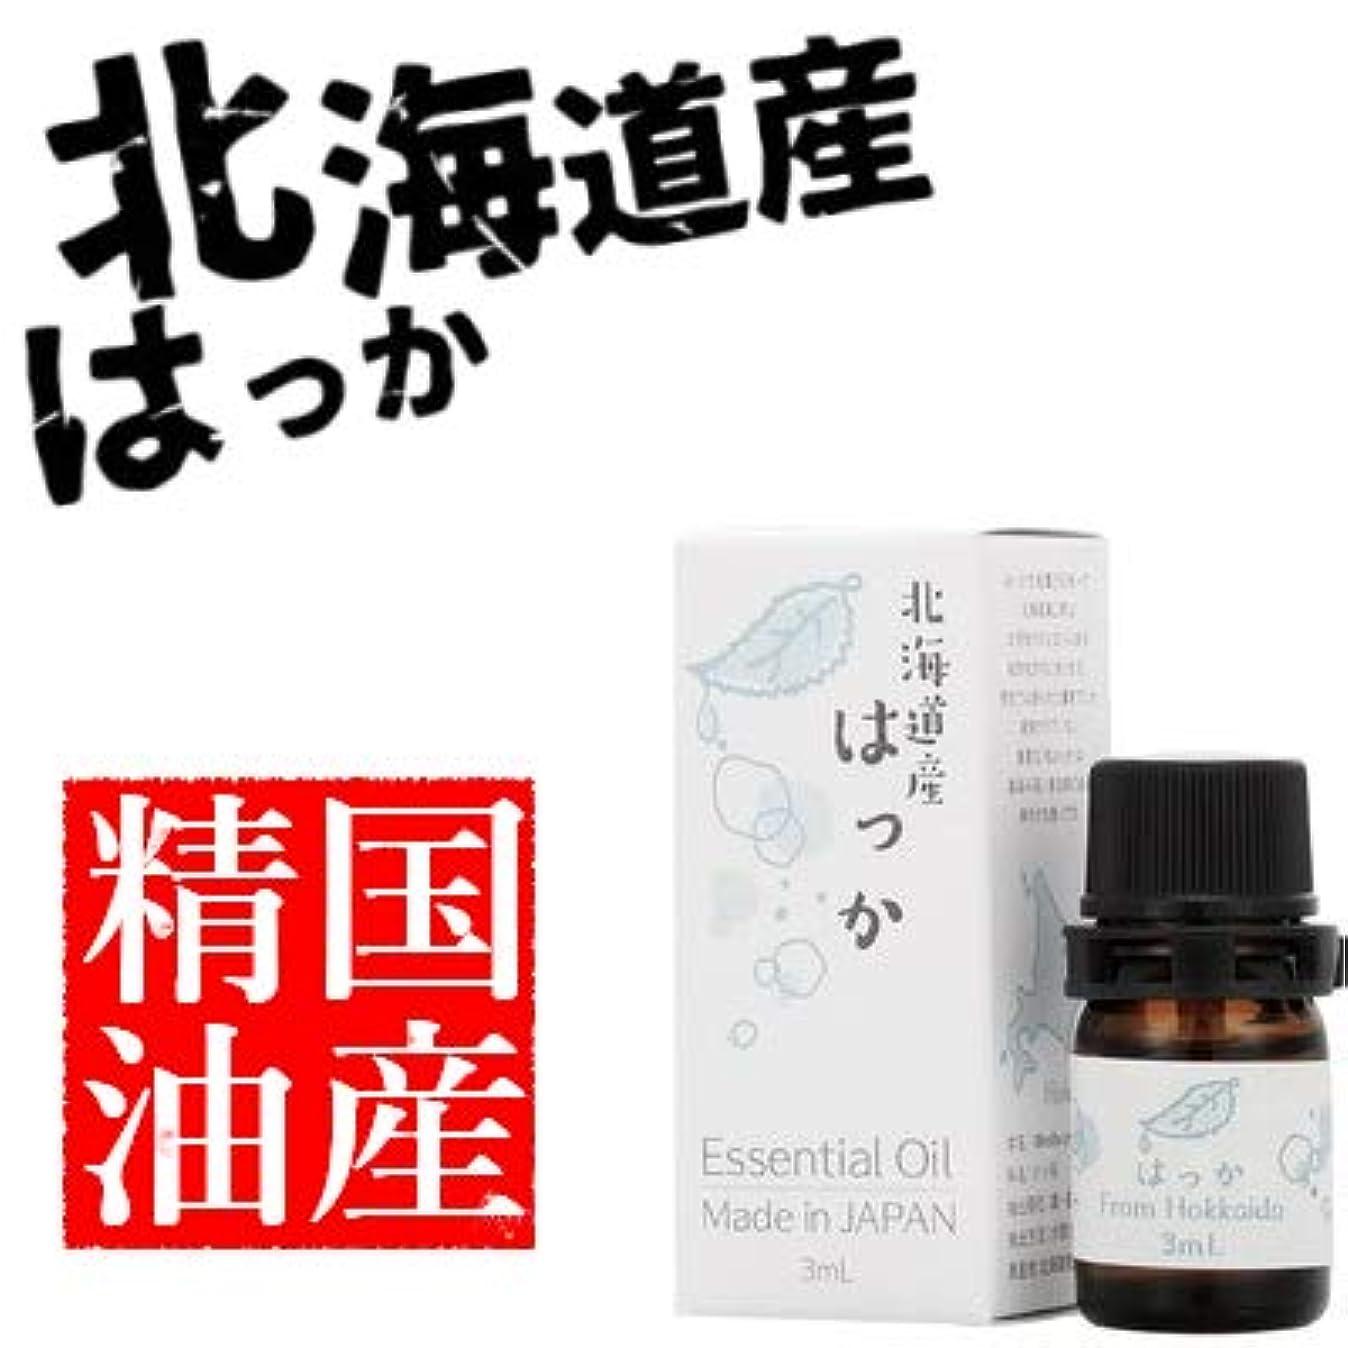 メンターエステート年日本の香りシリーズ エッセンシャルオイル 国産精油 (はっか)